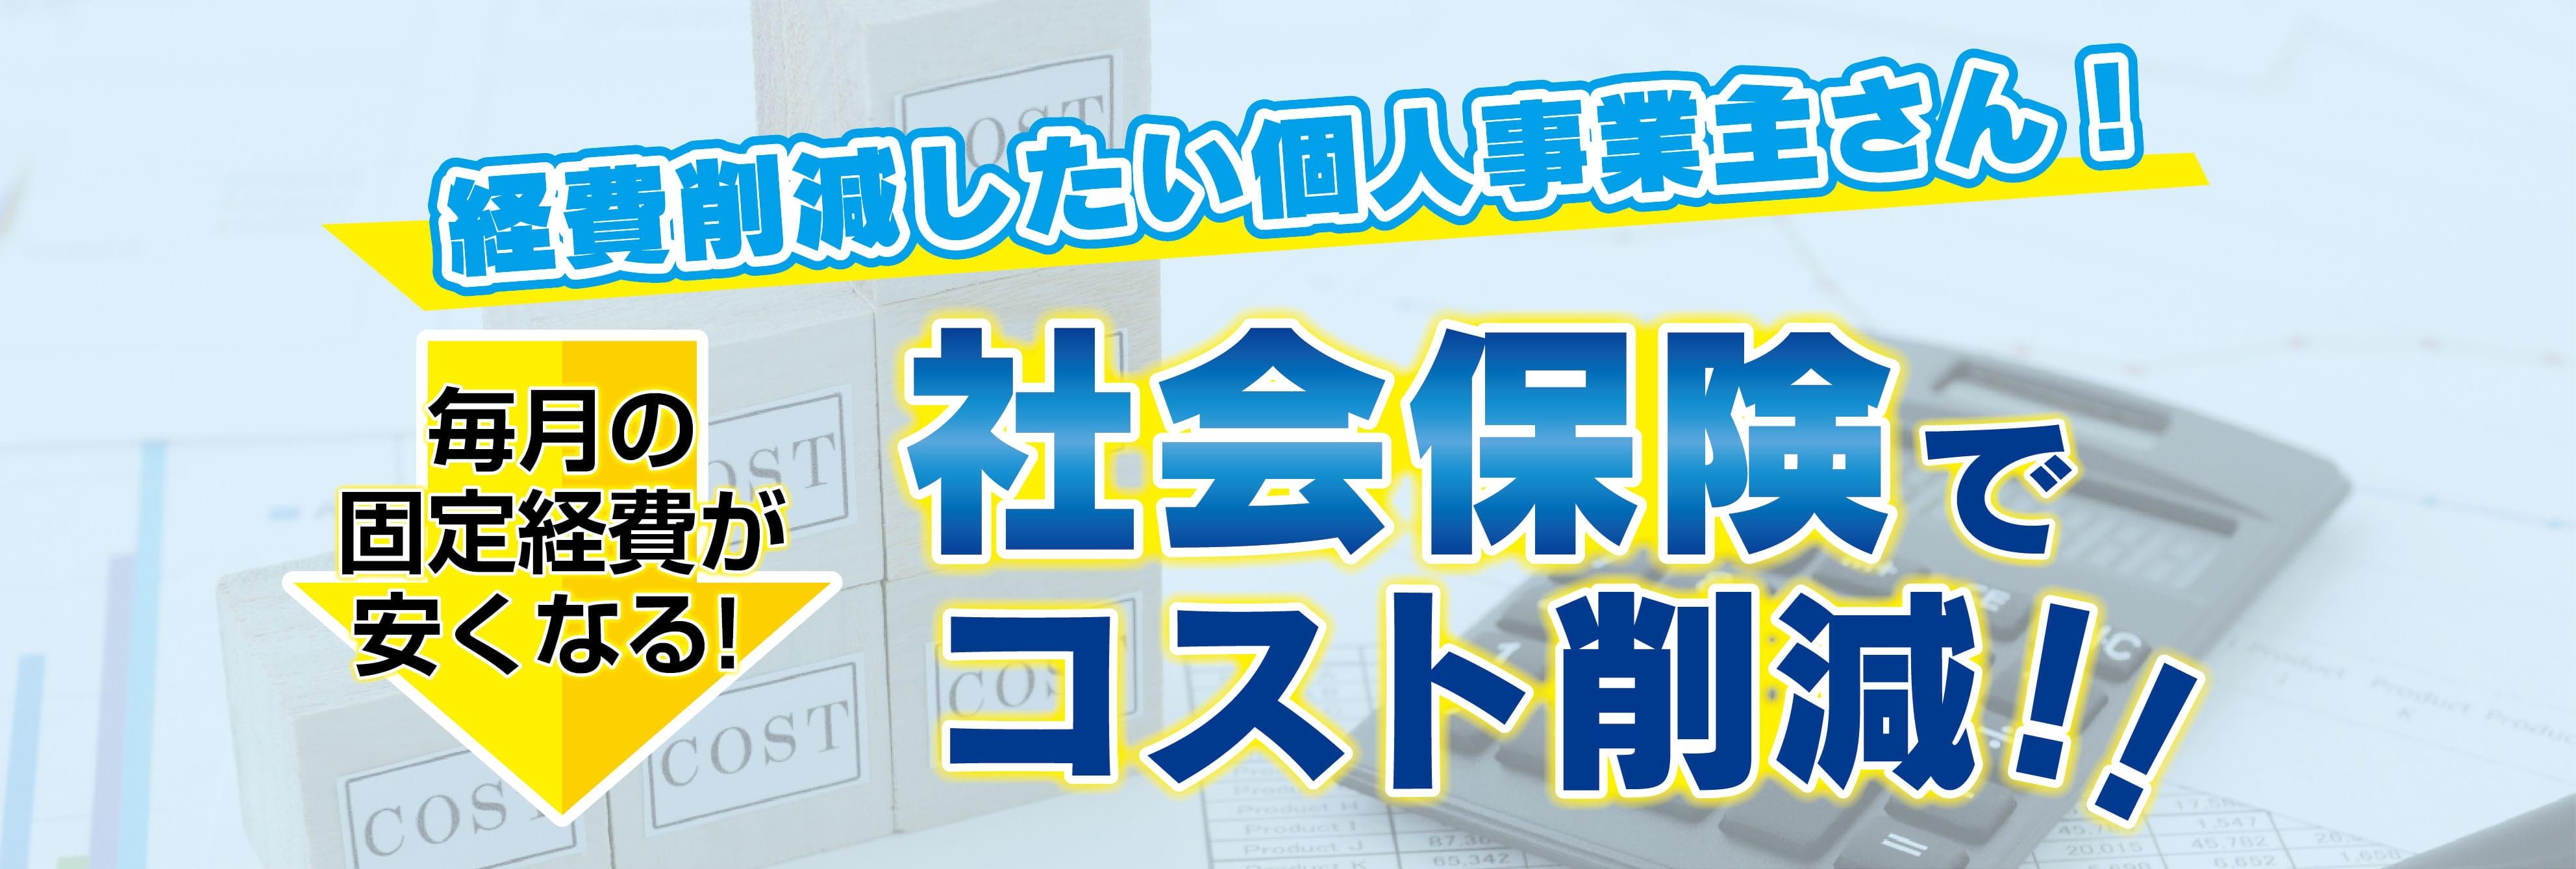 トリニティアライアンス 〜事業者様向けのコスト削減サービス〜